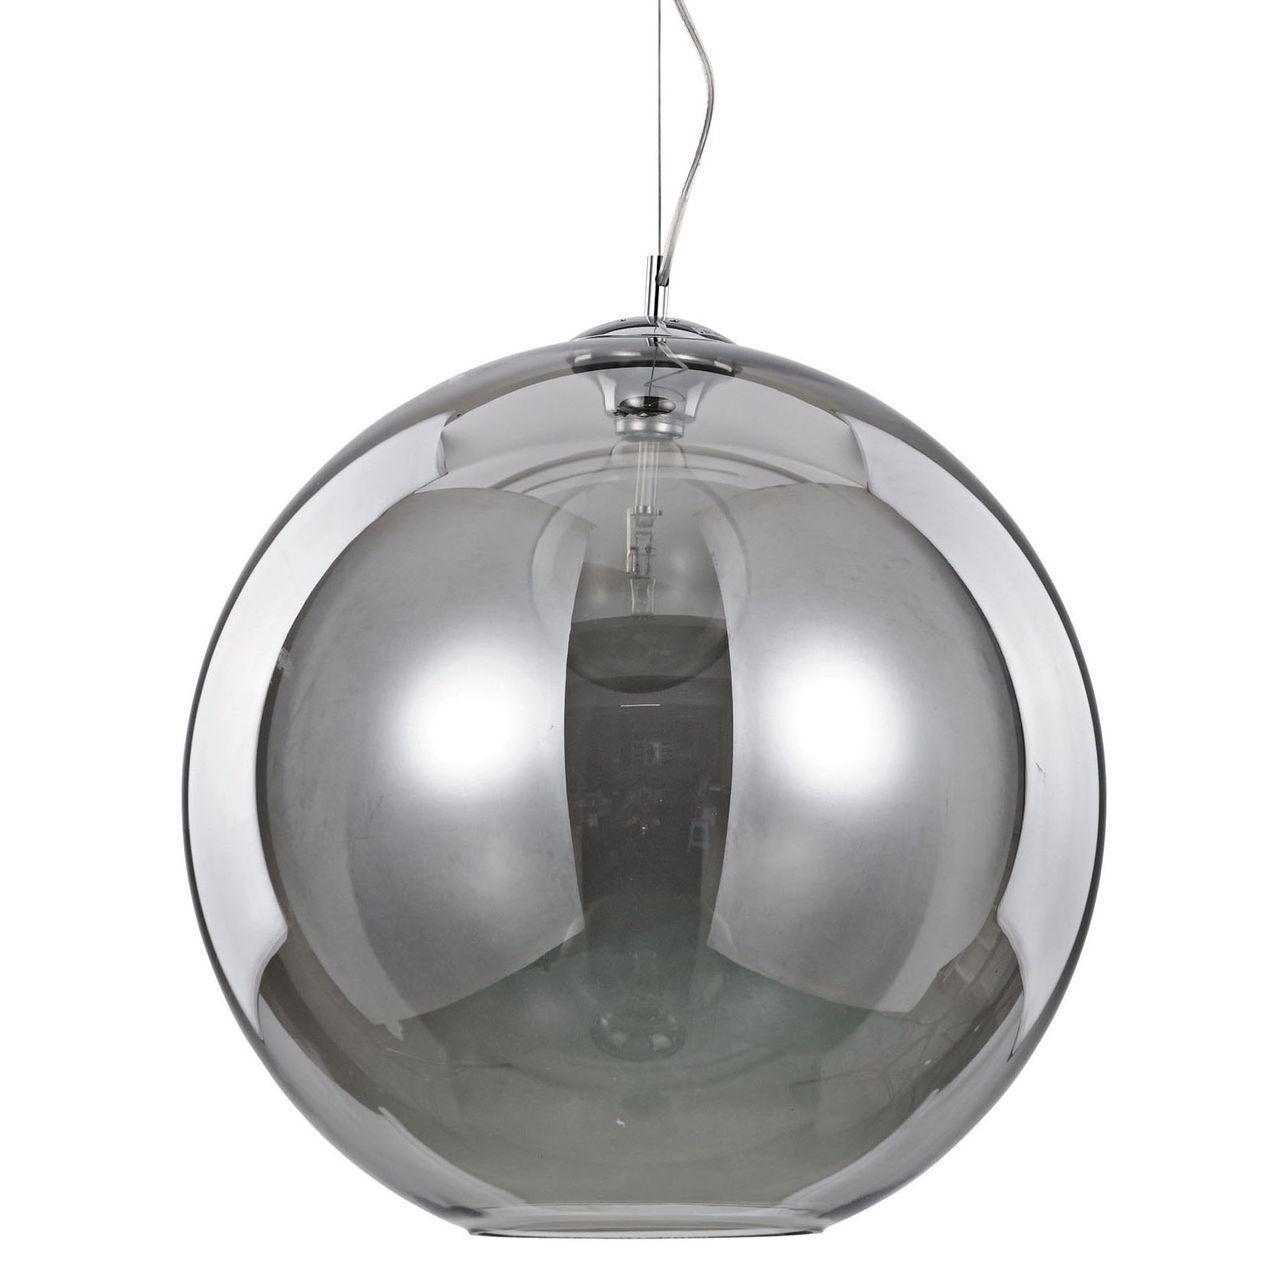 Подвесной светильник Ideal Lux Nemo SP1 D50 Fume ideal lux подвесной светильник ideal lux nemo fume sp1 d50